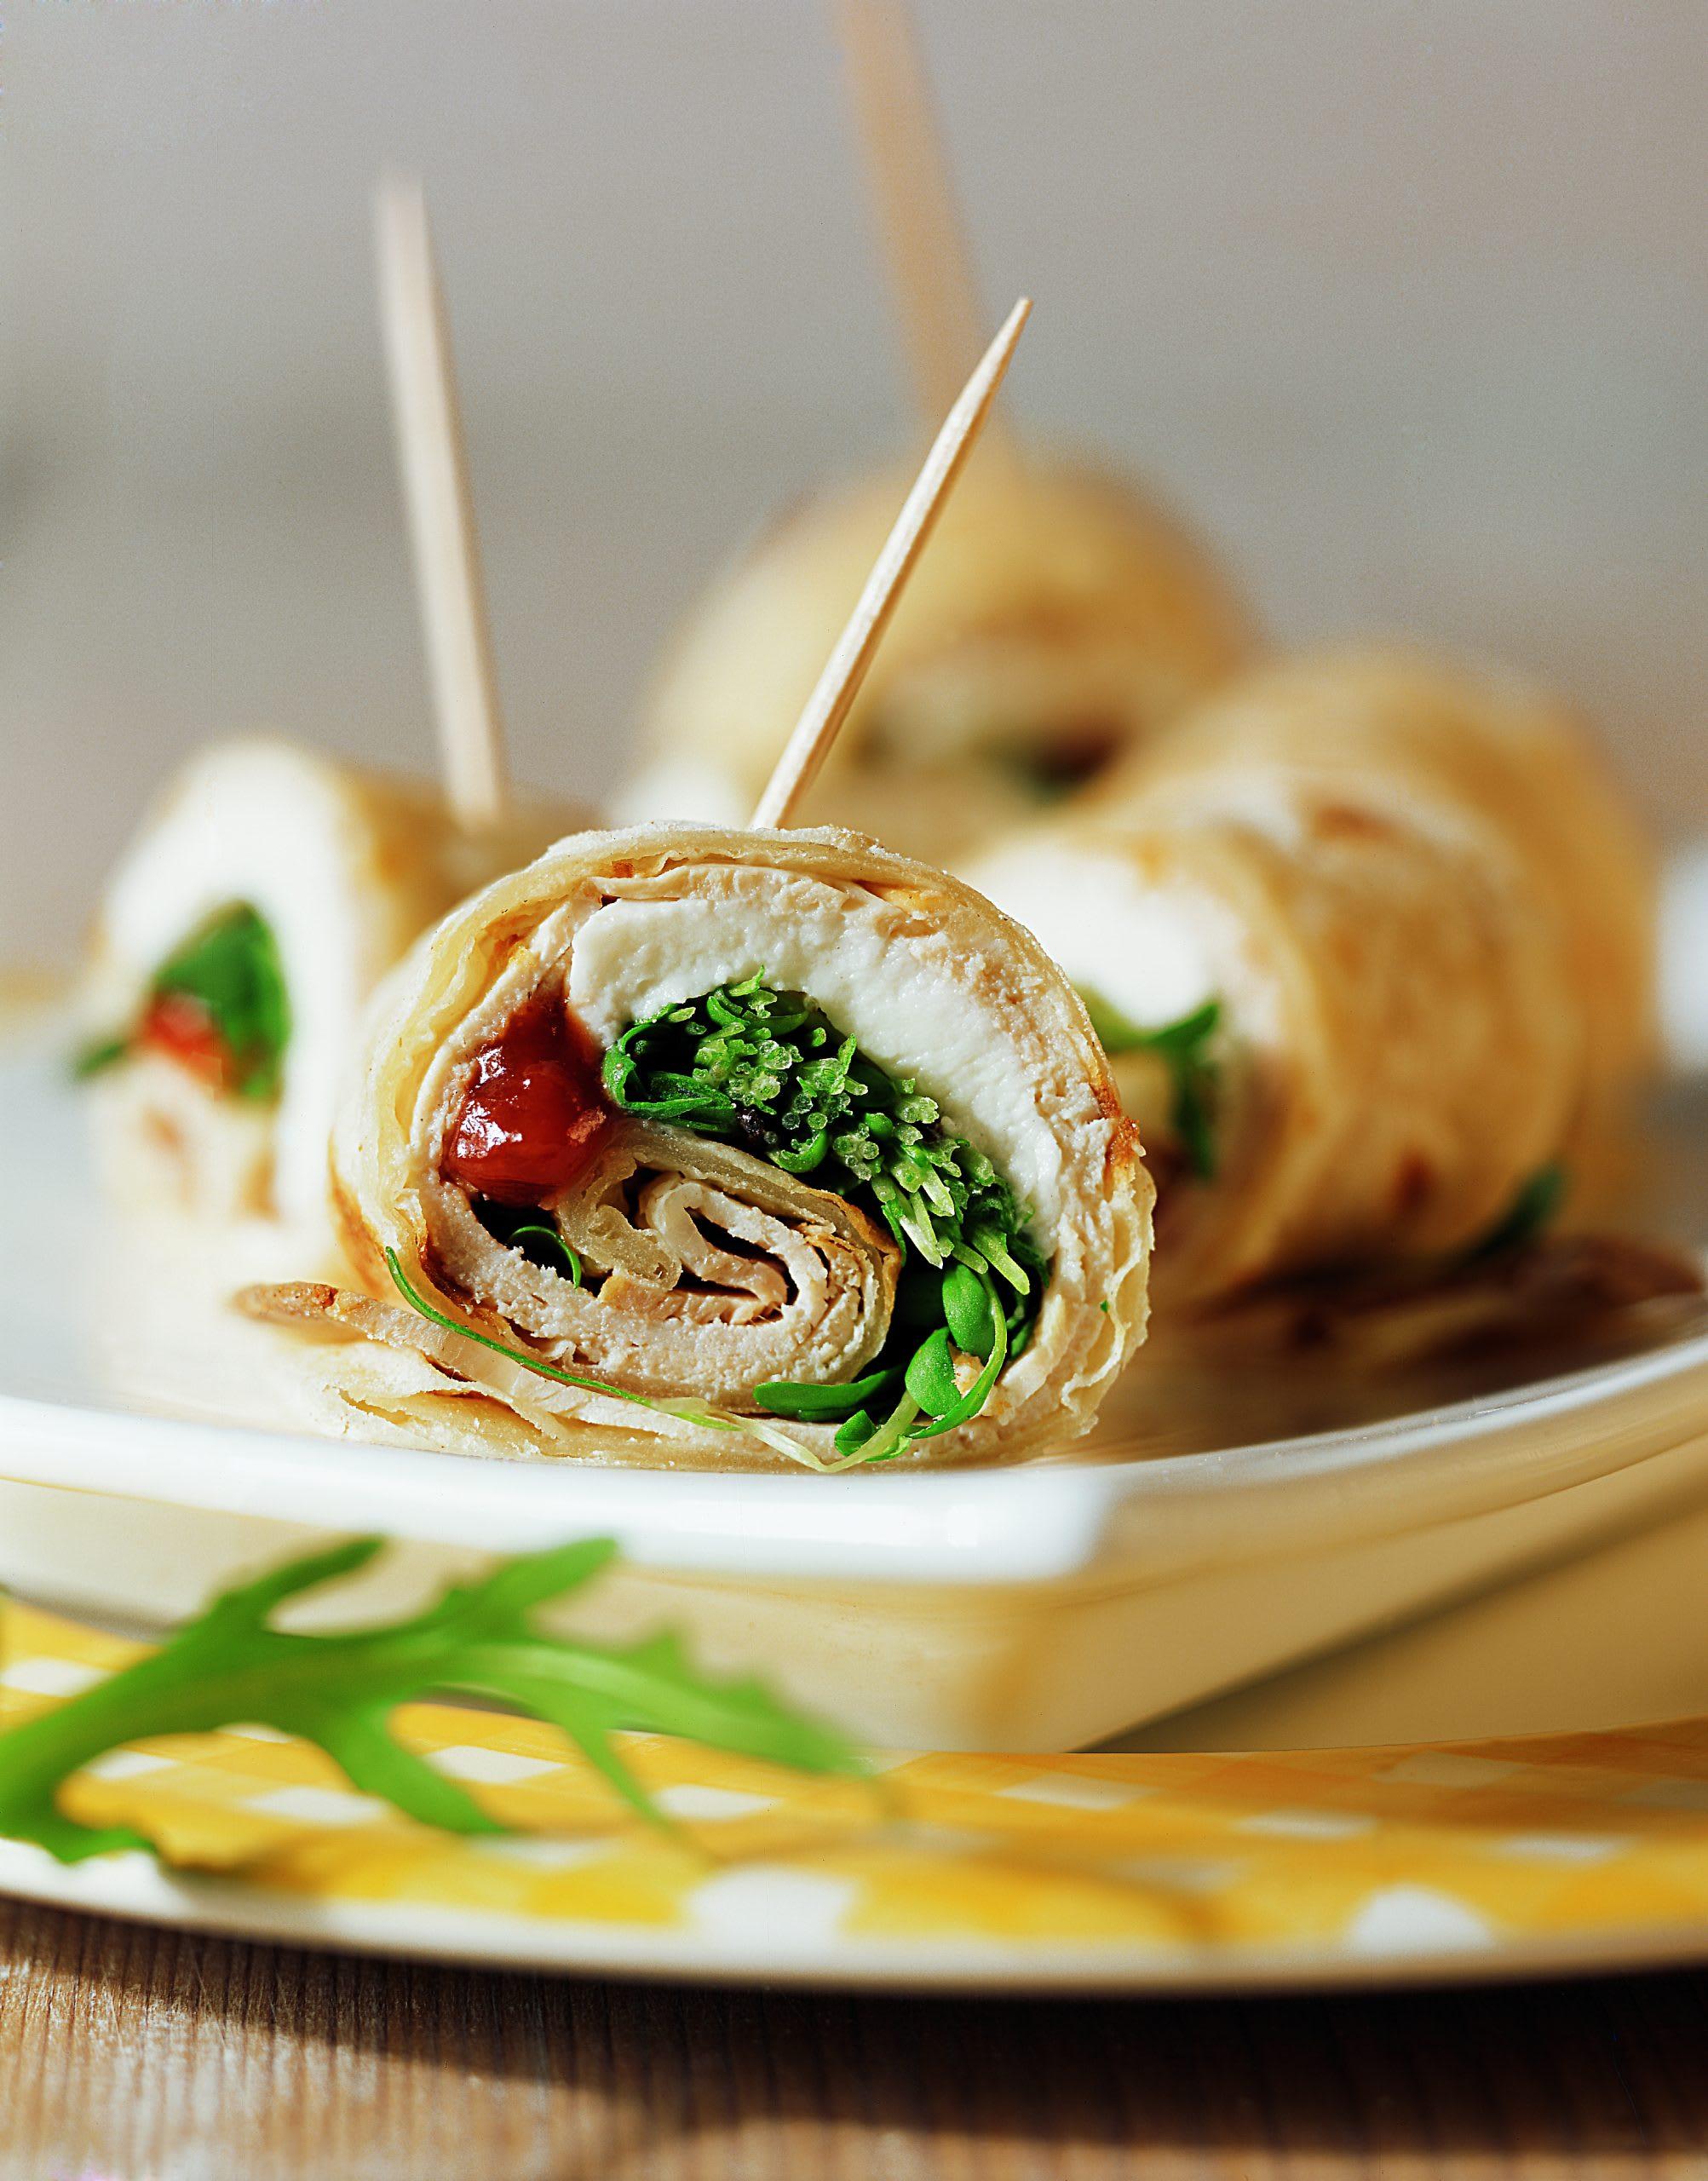 Fleisch-Mozzarella-Wraps